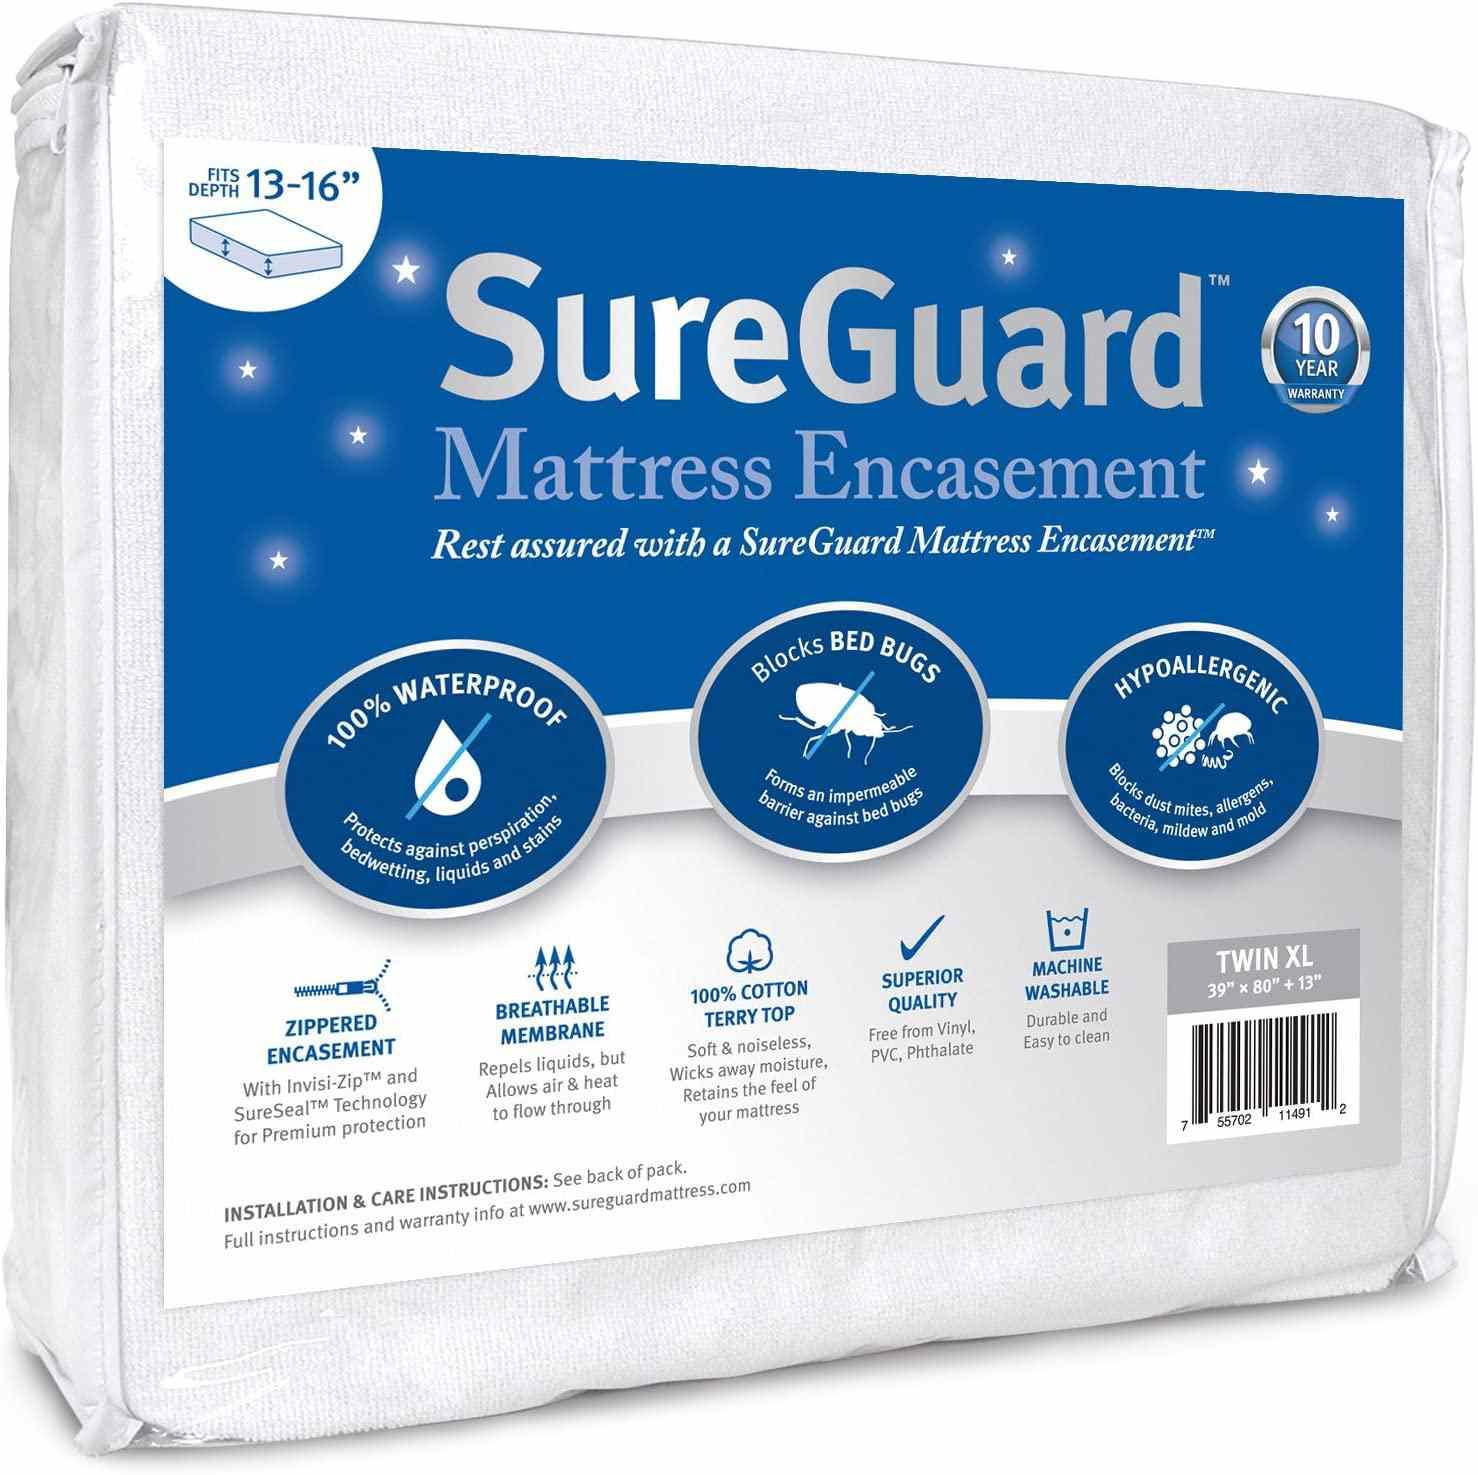 SureGuard Mattress Encasemen